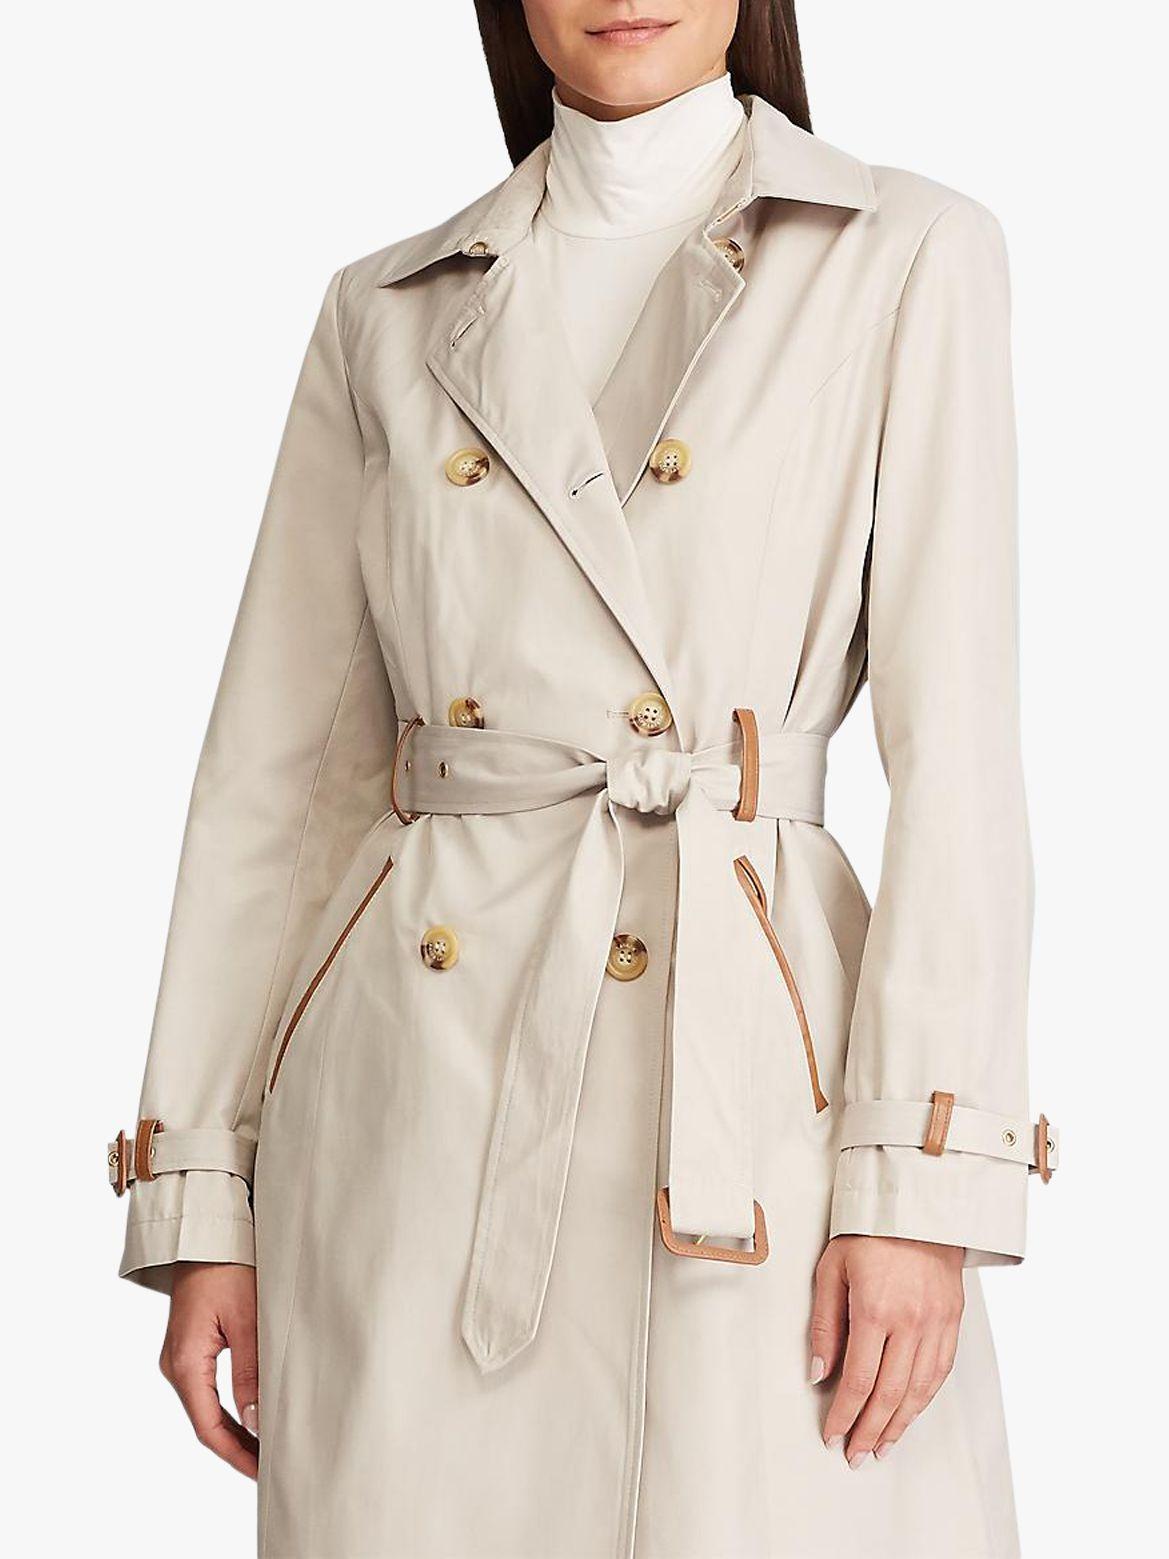 Ralph Lauren Lauren Ralph Lauren Faux Leather Trim Trench Coat, Tone Cream